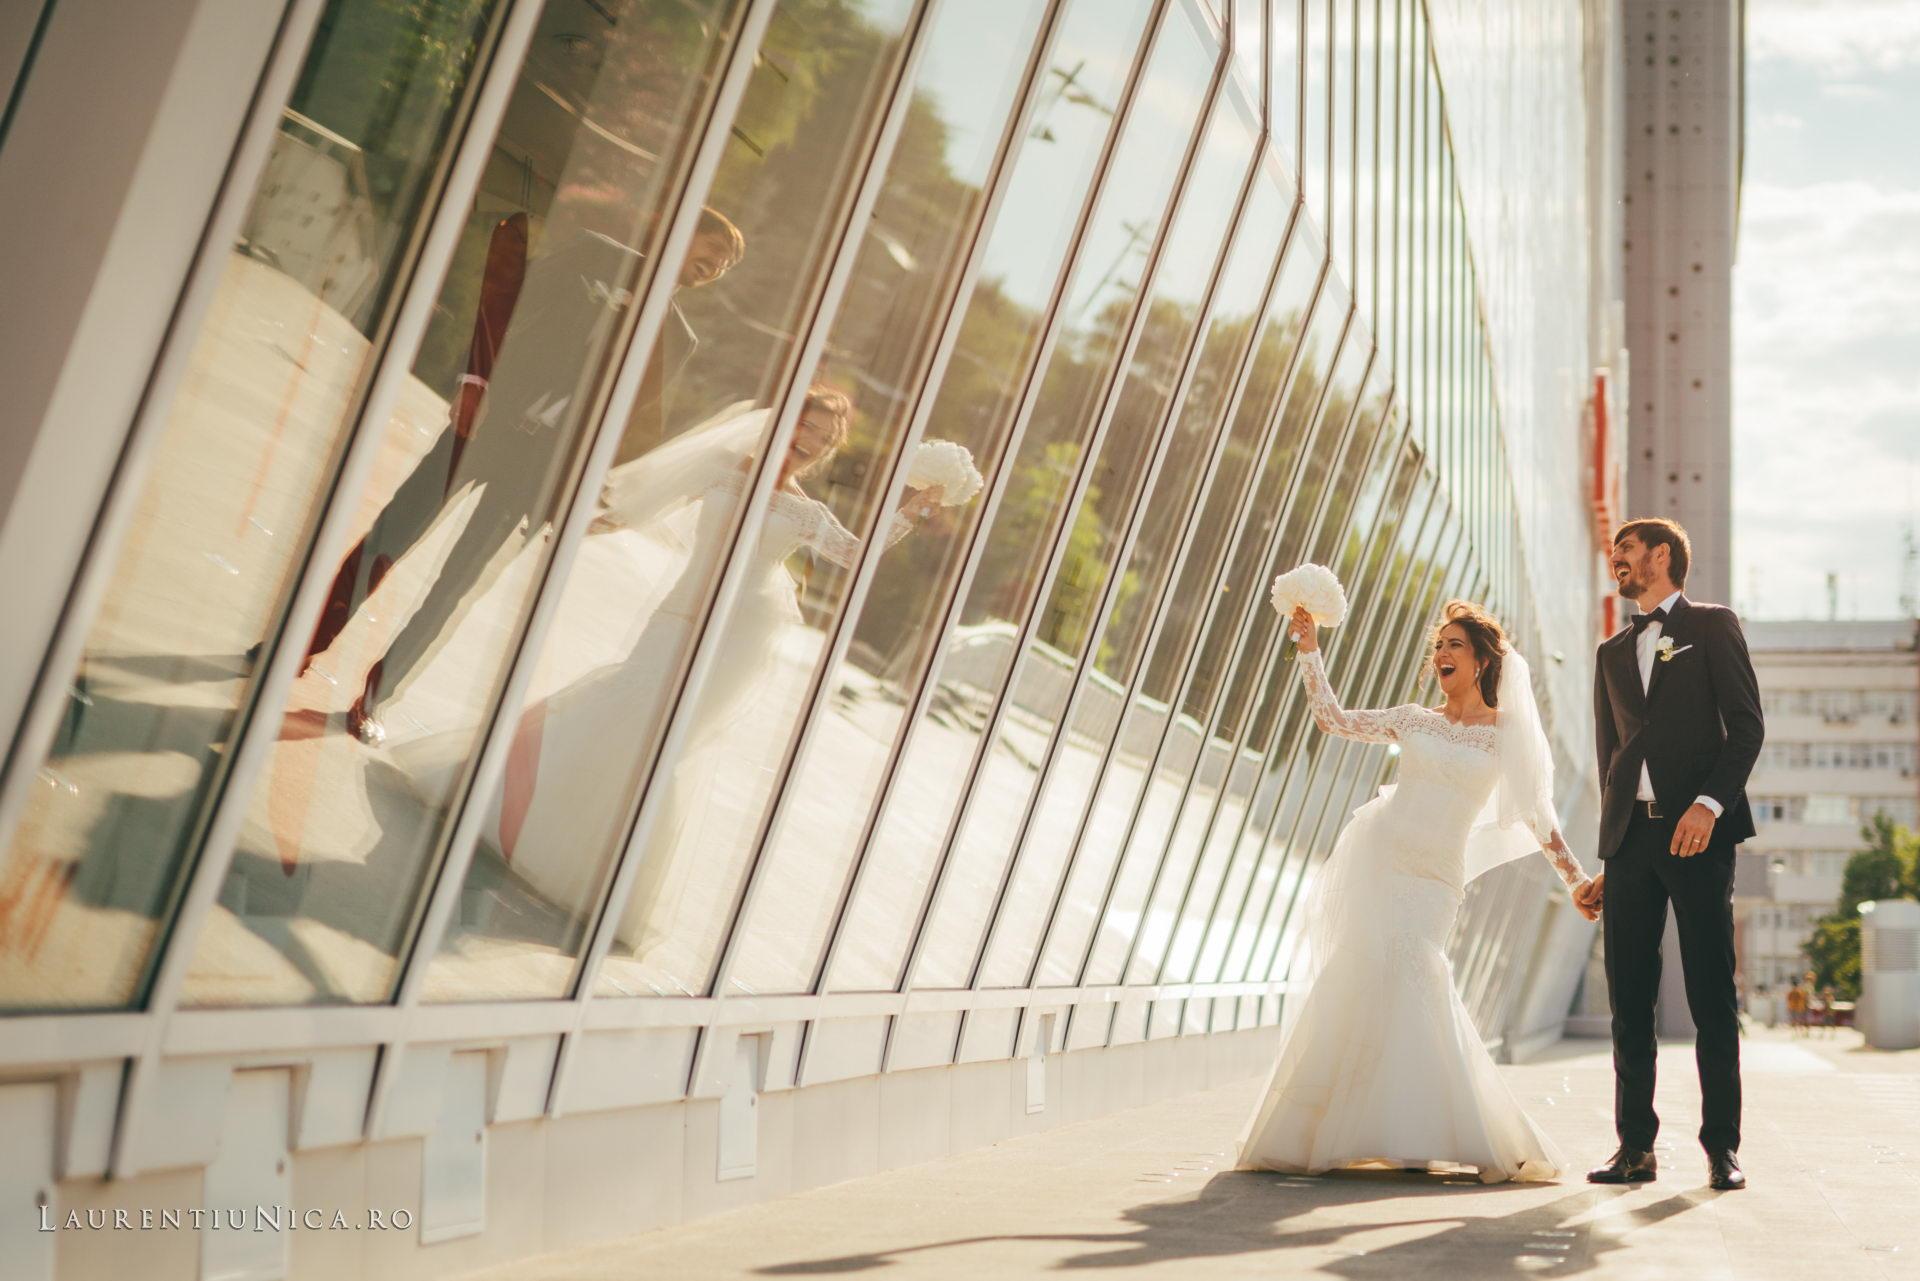 Cristina si Ovidiu nunta Craiova fotograf laurentiu nica 101 - Cristina & Ovidiu | Fotografii nunta | Craiova